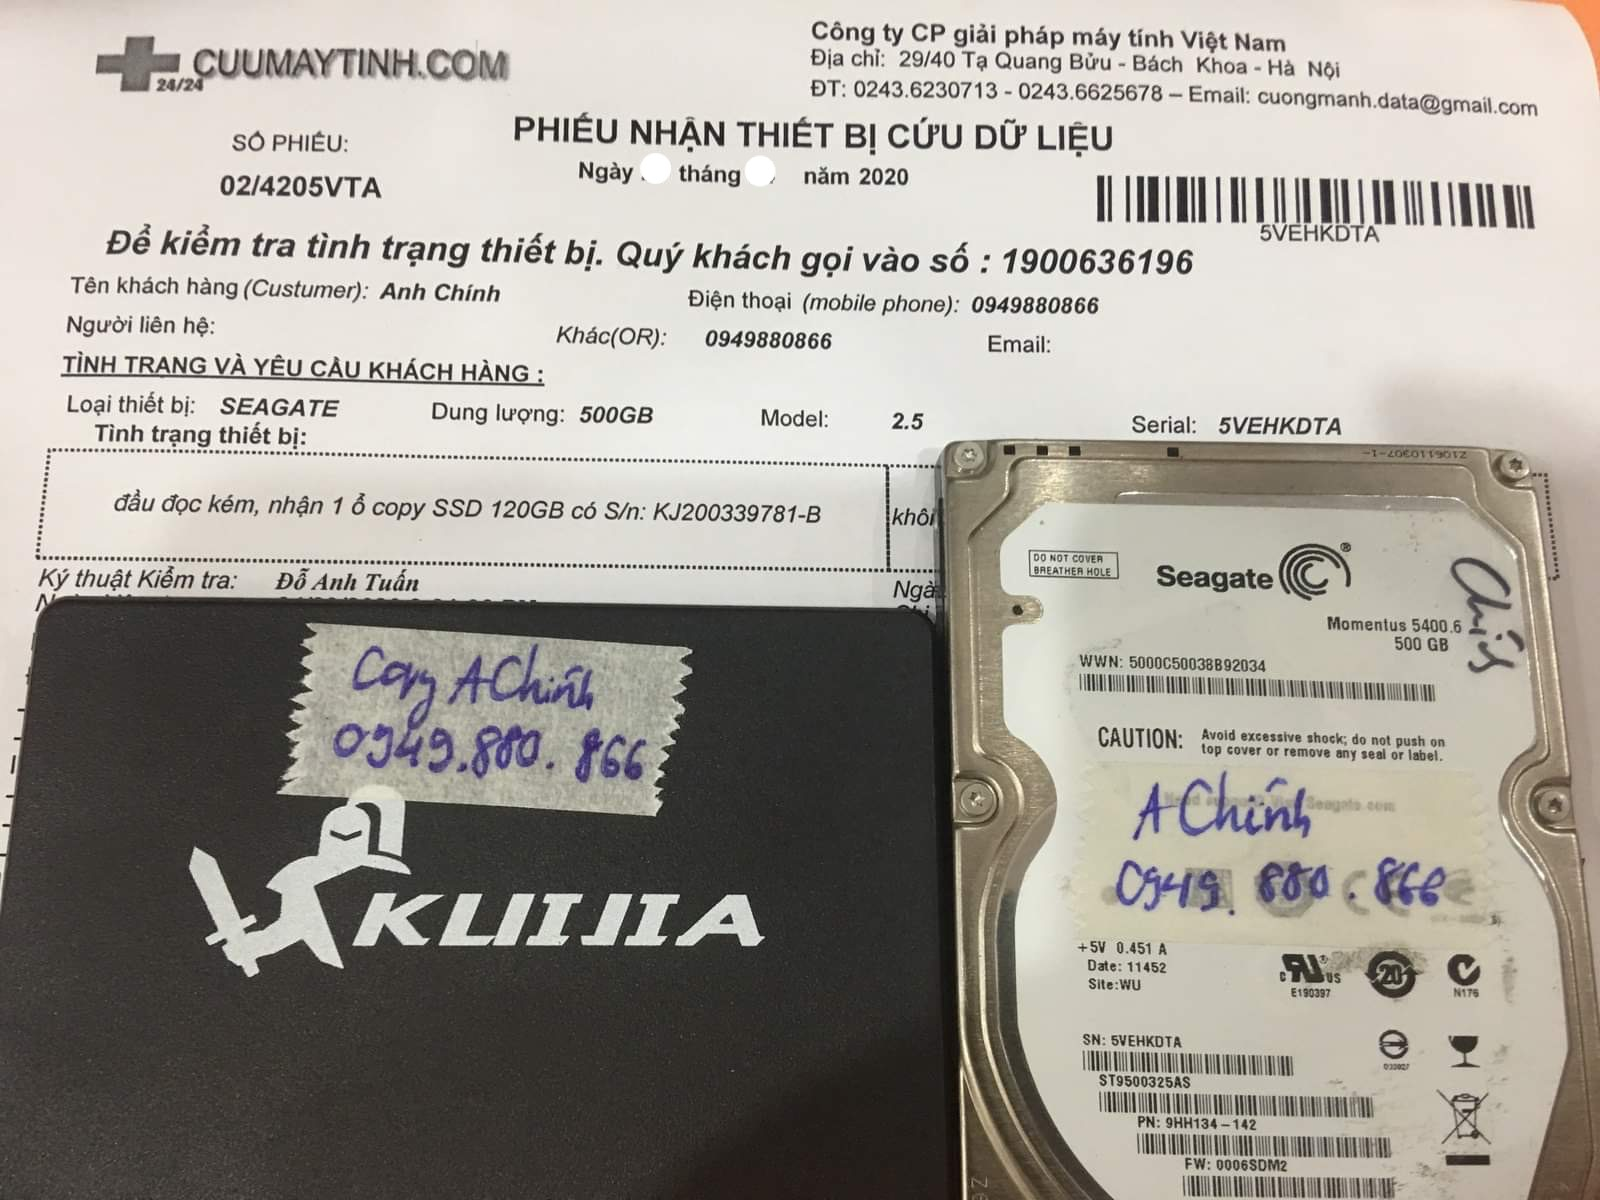 Lấy dữ liệu ổ cứng Seagate 500GB đầu đọc kém 18/06/2020 - cuumaytinh